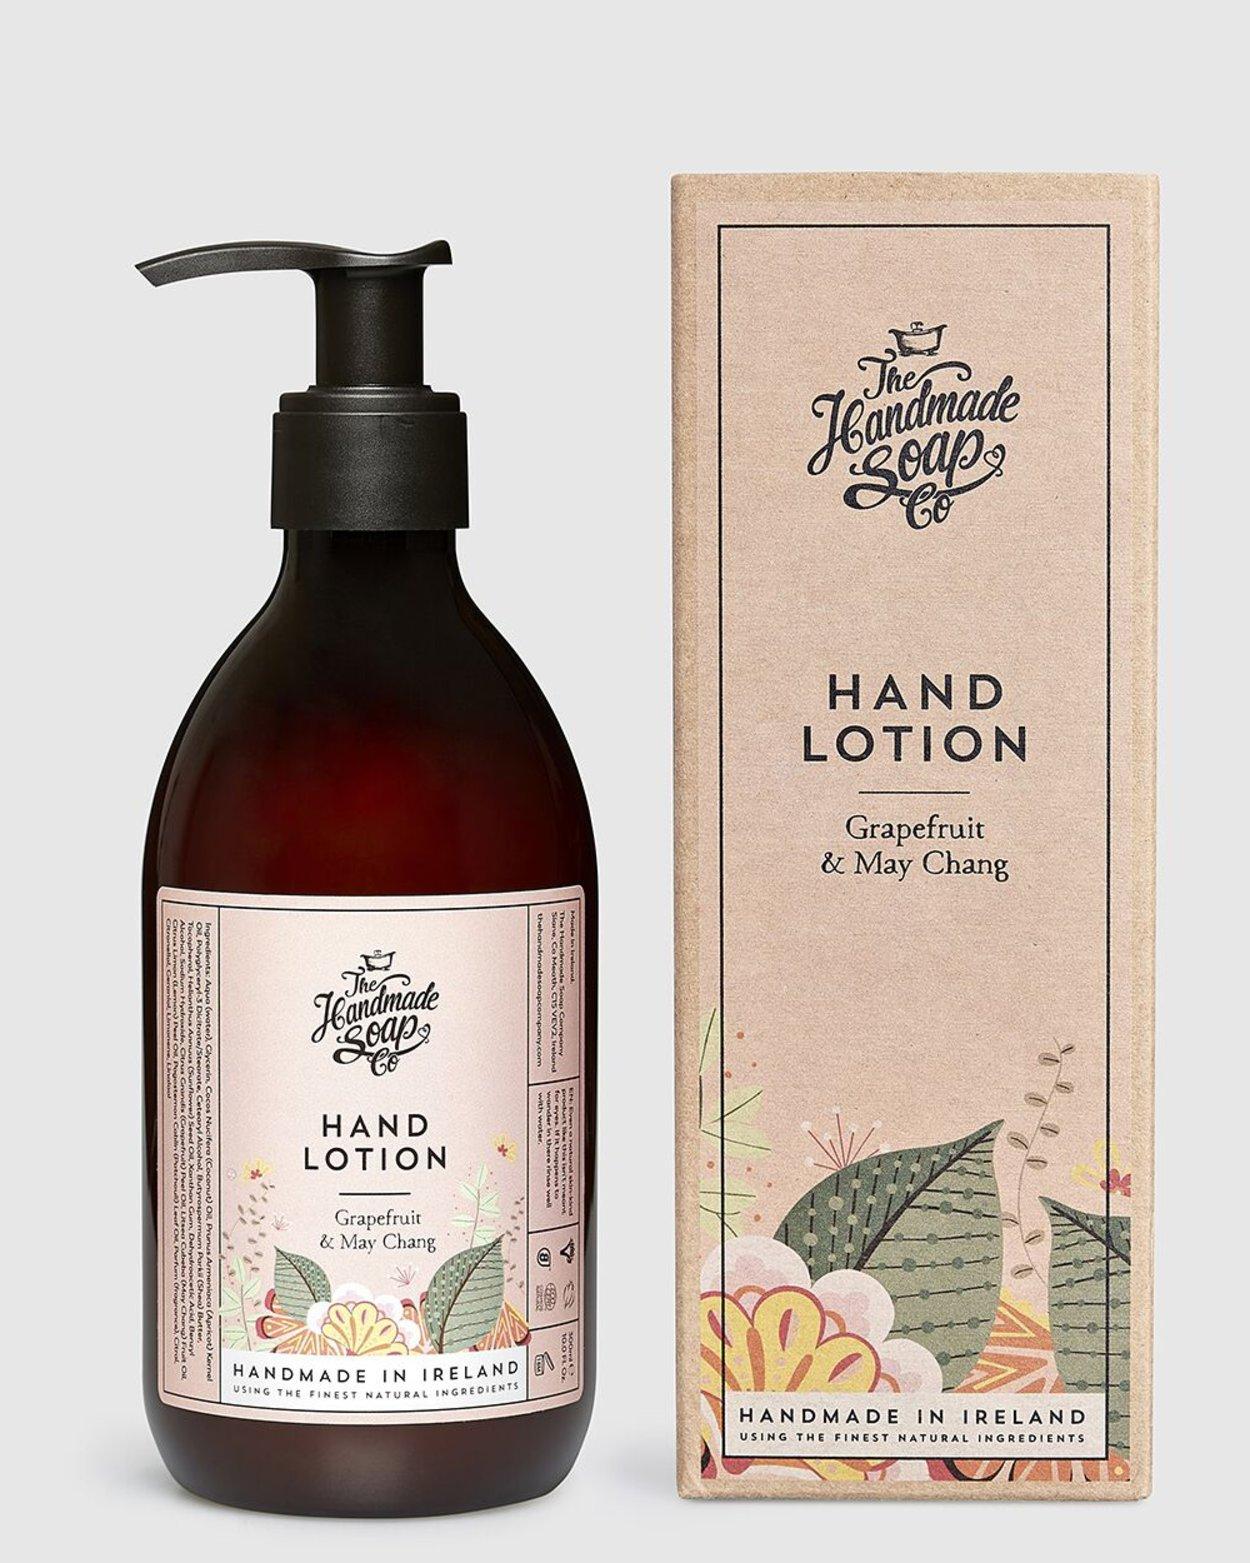 Grapefruit & May Chang Hand Lotion